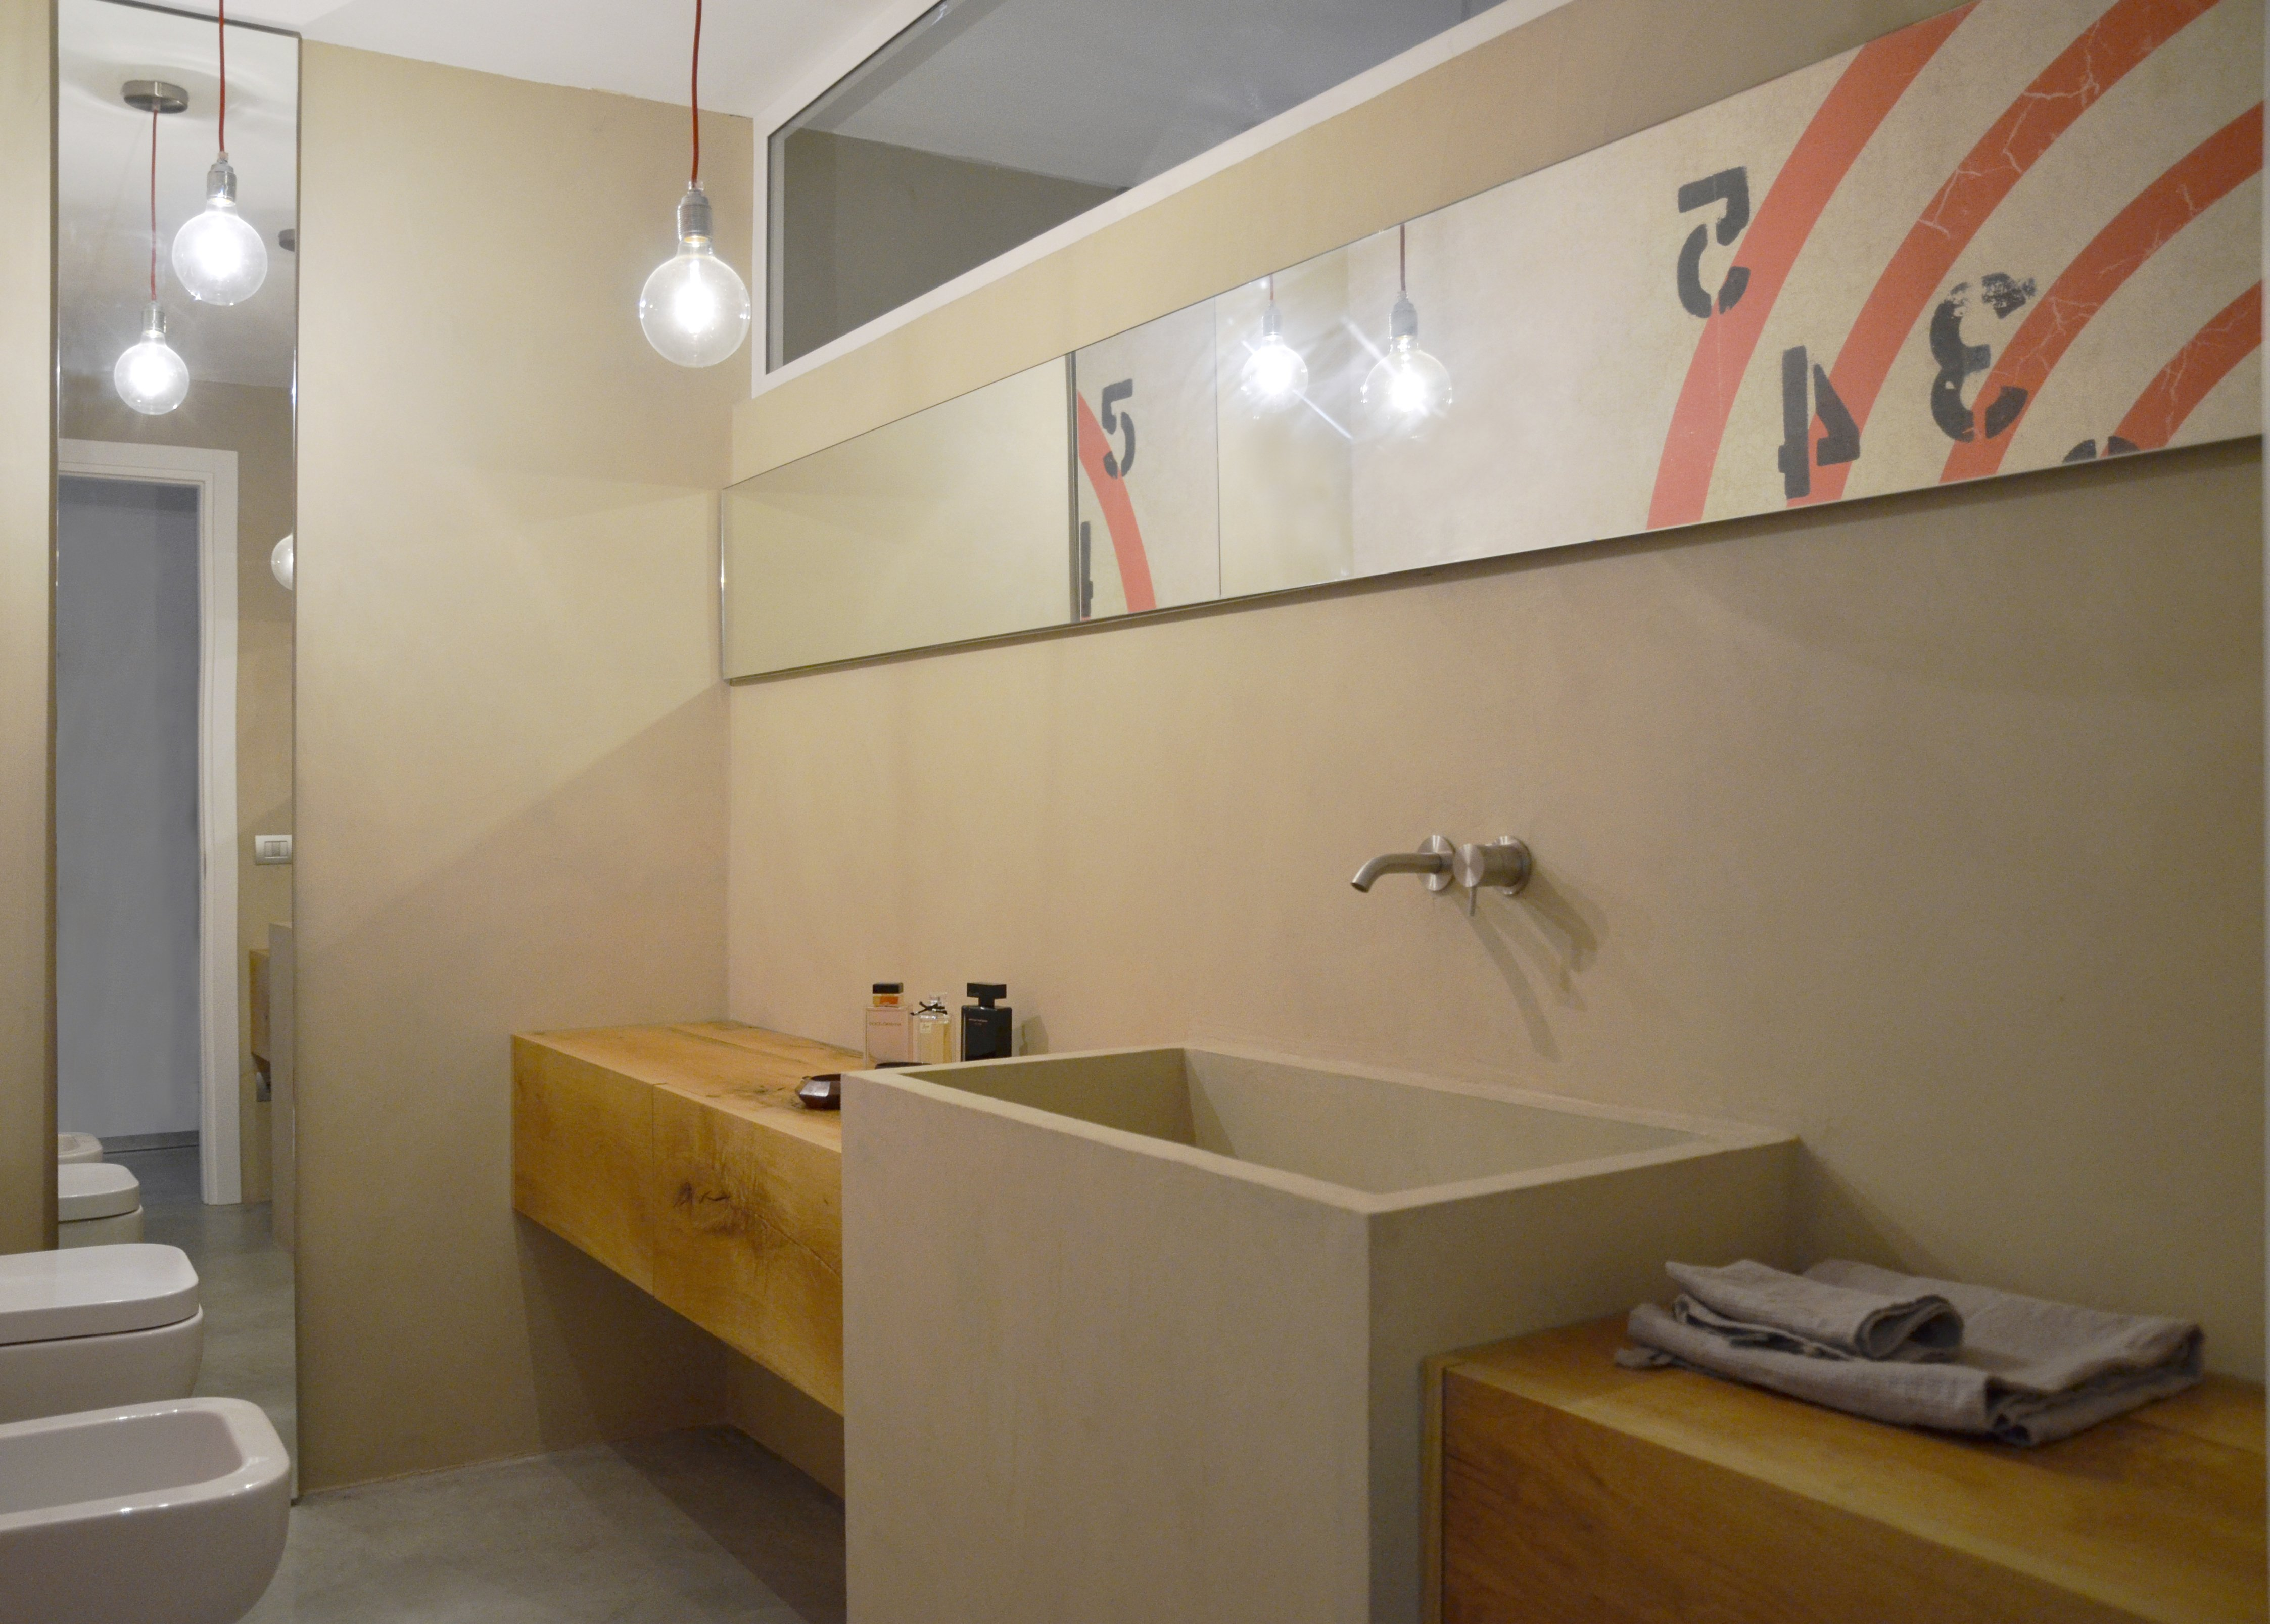 In bagno d cor a parete senza le piastrelle e contenendo - Pitturare piastrelle bagno ...